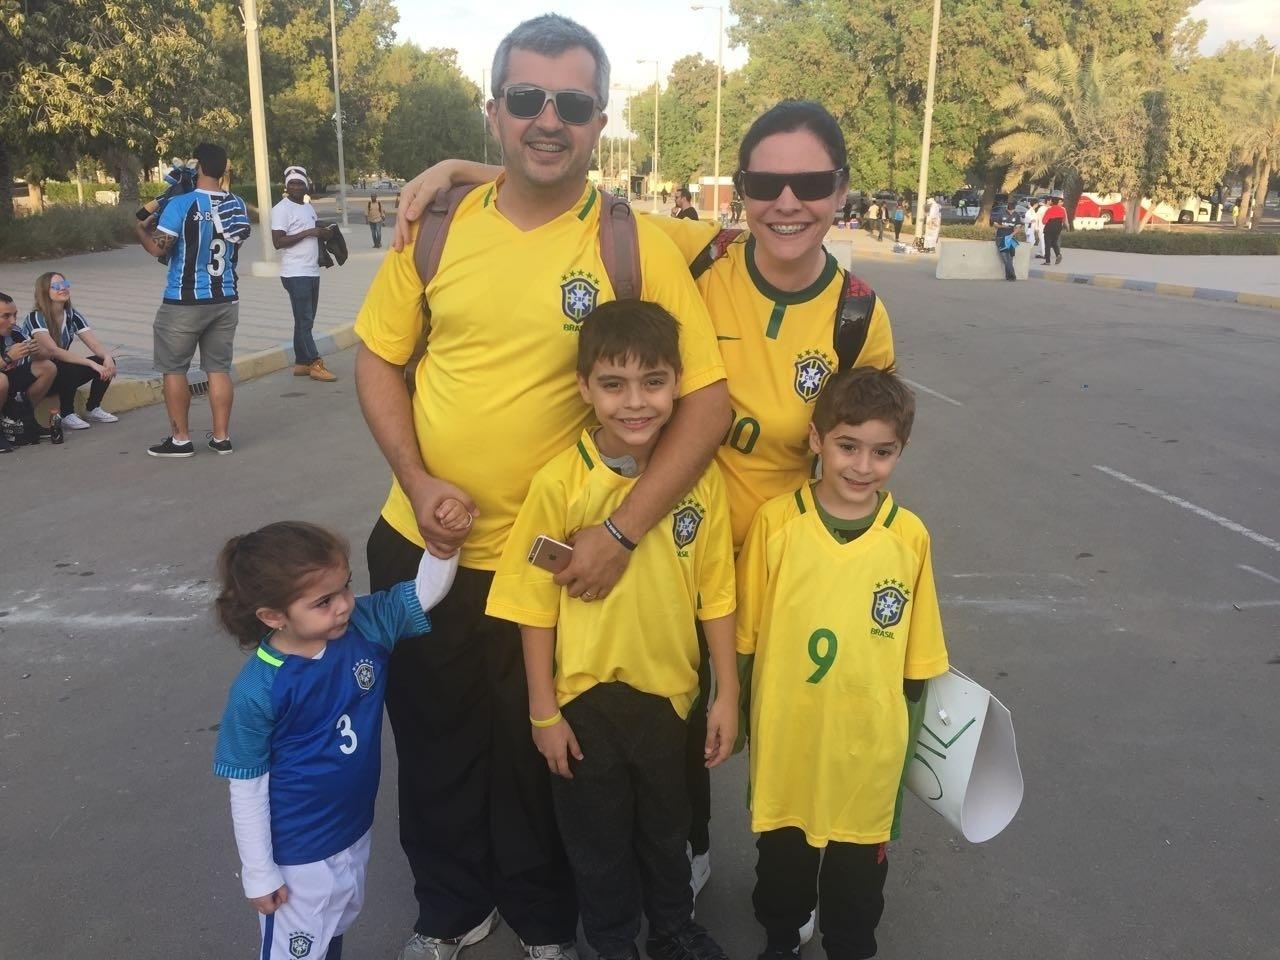 Torcer para o Grêmio também é uma forma de matar saudades do Brasil. O casal Alex e Renata Oliveira sente muita falta do país e dá para ver pela vestimenta . Eles moram em Dubai há dois anos e saíram da cidade do para acompanhar um time brasileiro. Mas engana-se quem pensa que eles são gaúchos. São cariocas e torcem para o Flamengo.